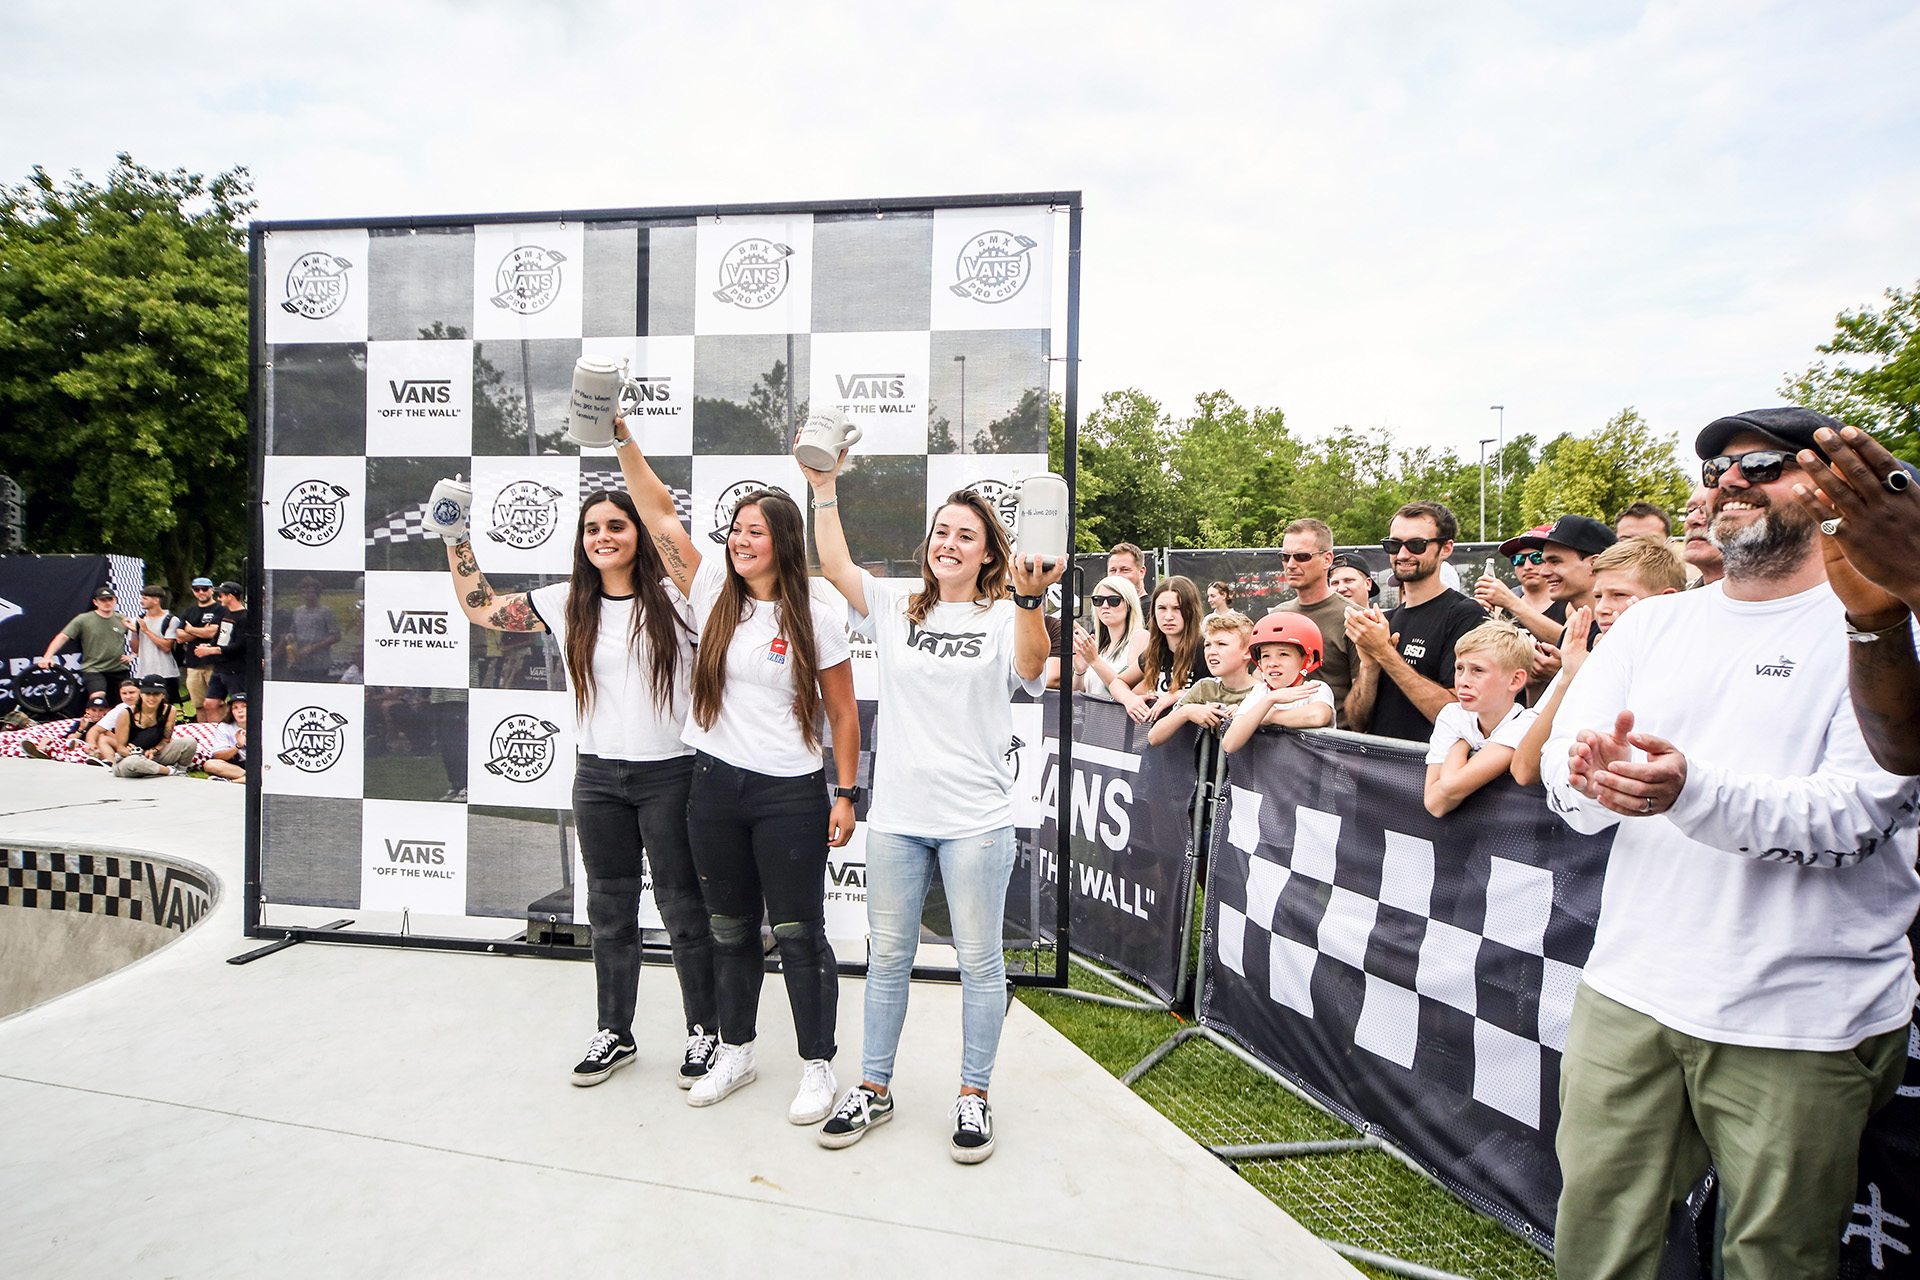 Die Gewinnerinnen des VANS BMX Pro Cup 201 in Waiblingen sind (v.l.n.r.): Macarena Perez (2.), Perris Benegas (1.) und Teresa Azcoaga (3. und Gewinnerin des Highest-Air-Contests)